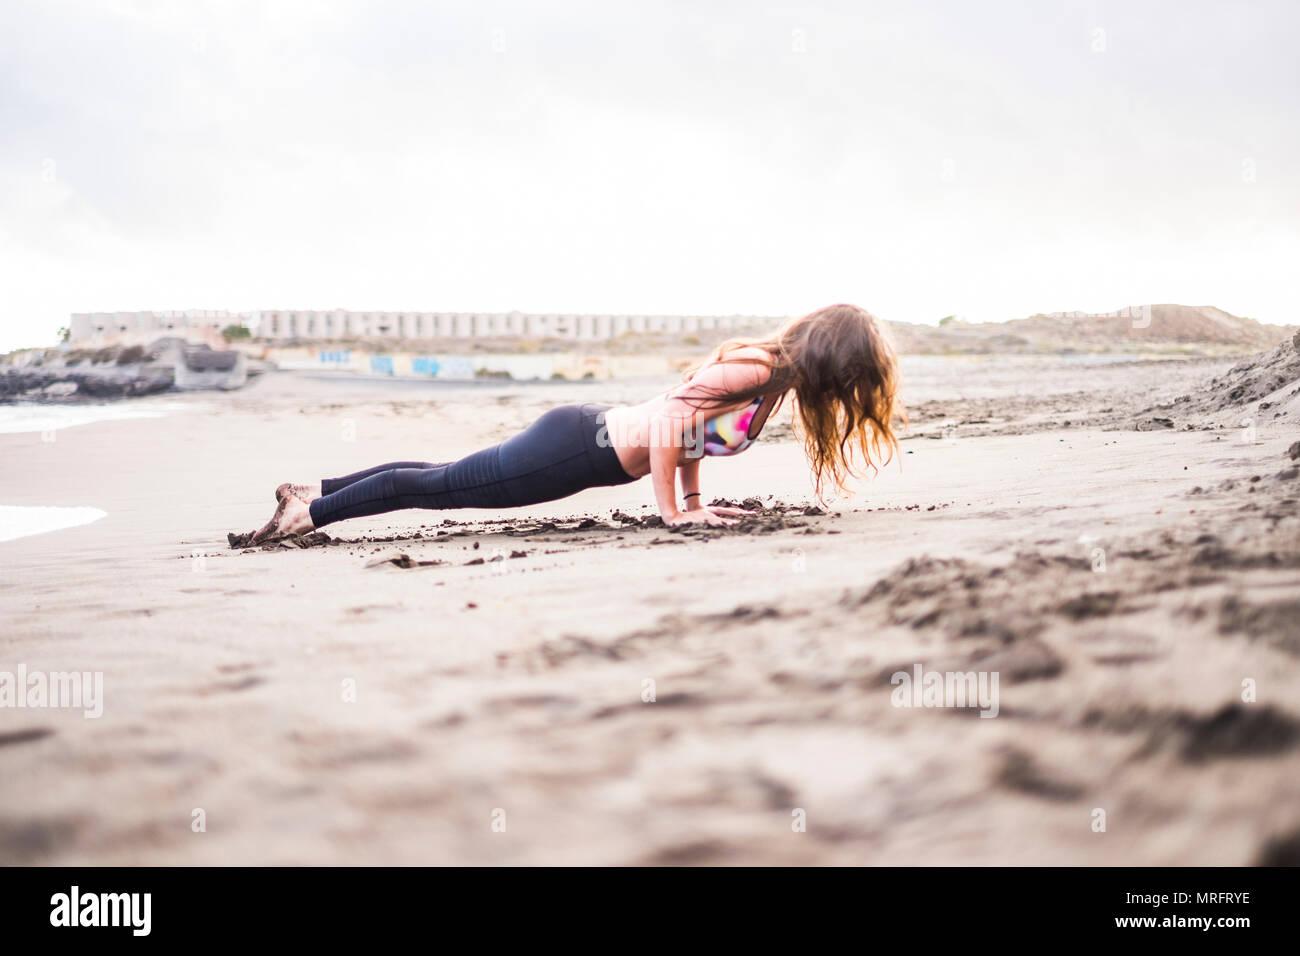 Yoga et Pilates reste bien placée pour résister et être difficile. belle jeune femme fitness faire à la plage dans une activité de loisirs. du sable et seul p Photo Stock